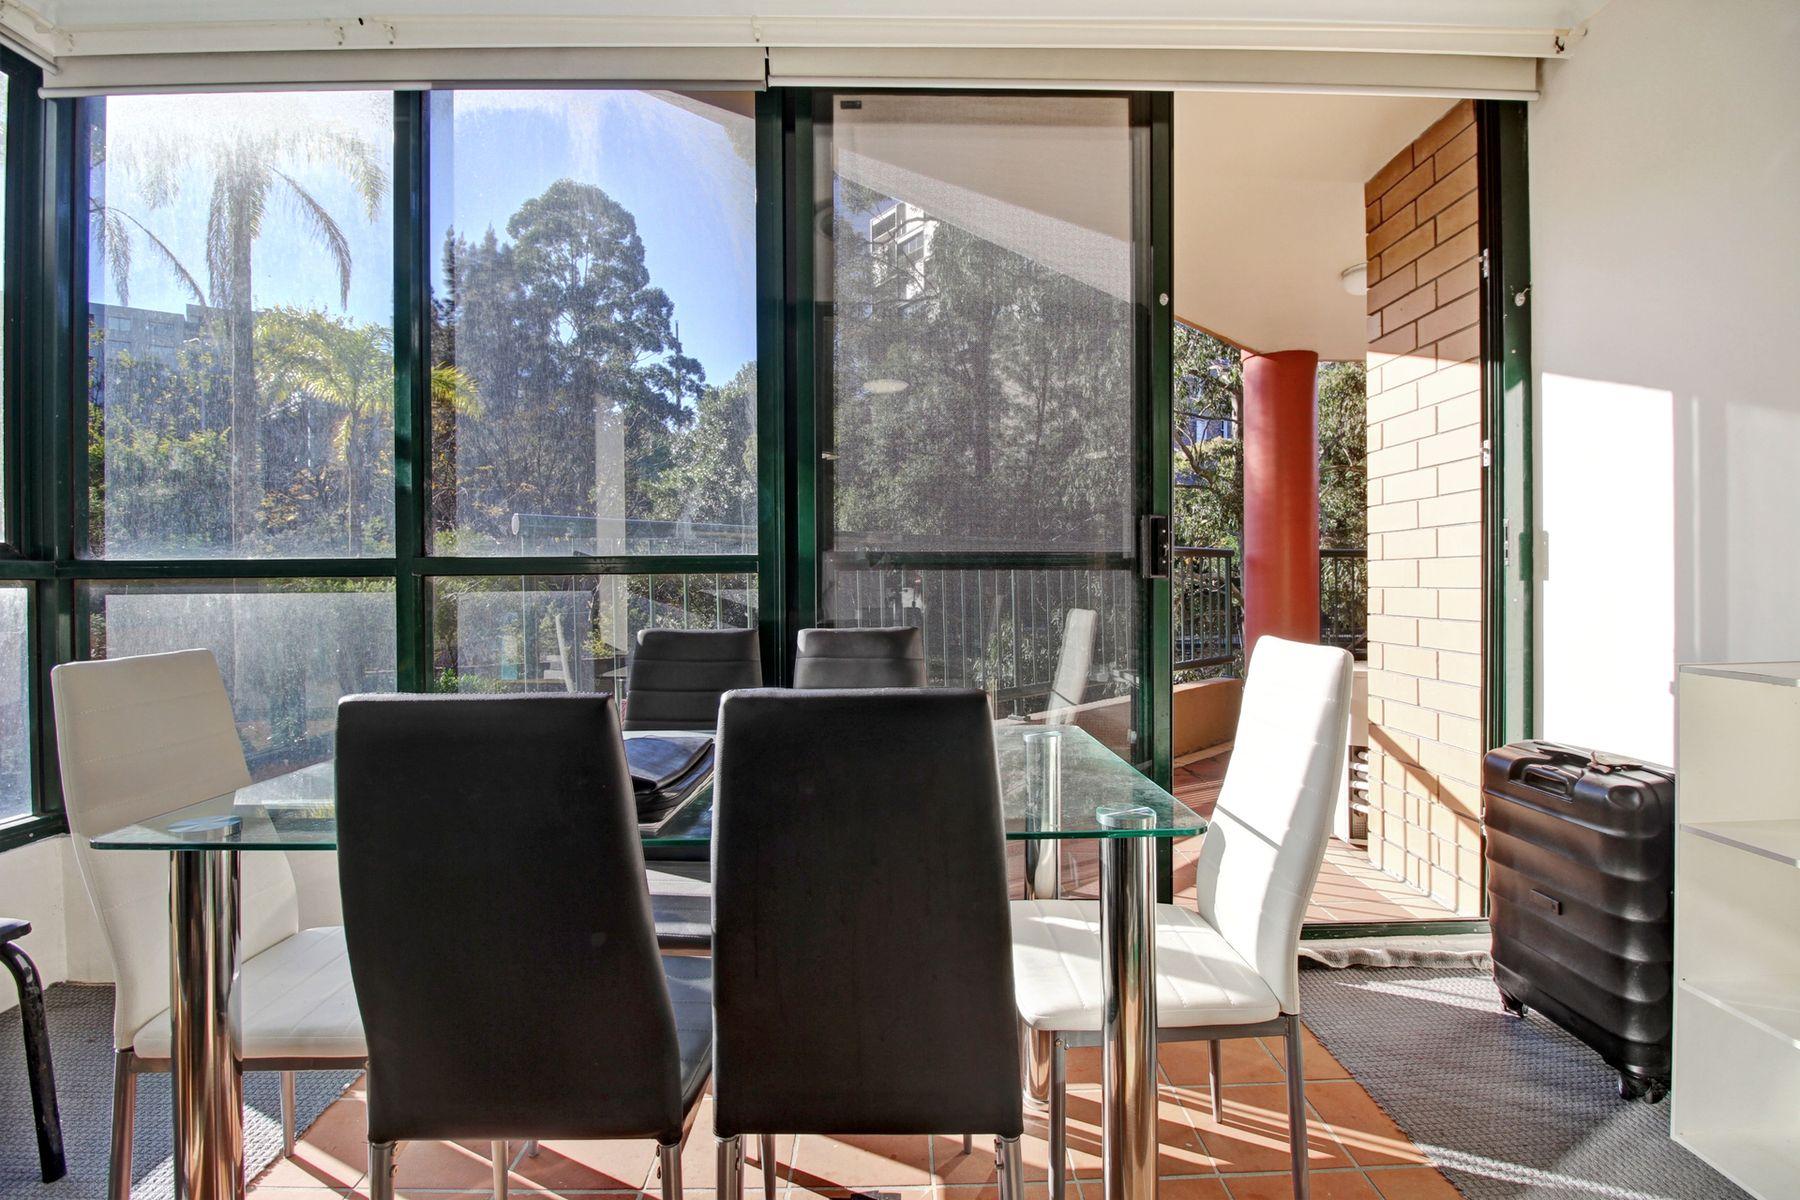 125/2-26 Wattle Crescent, Pyrmont, NSW 2009